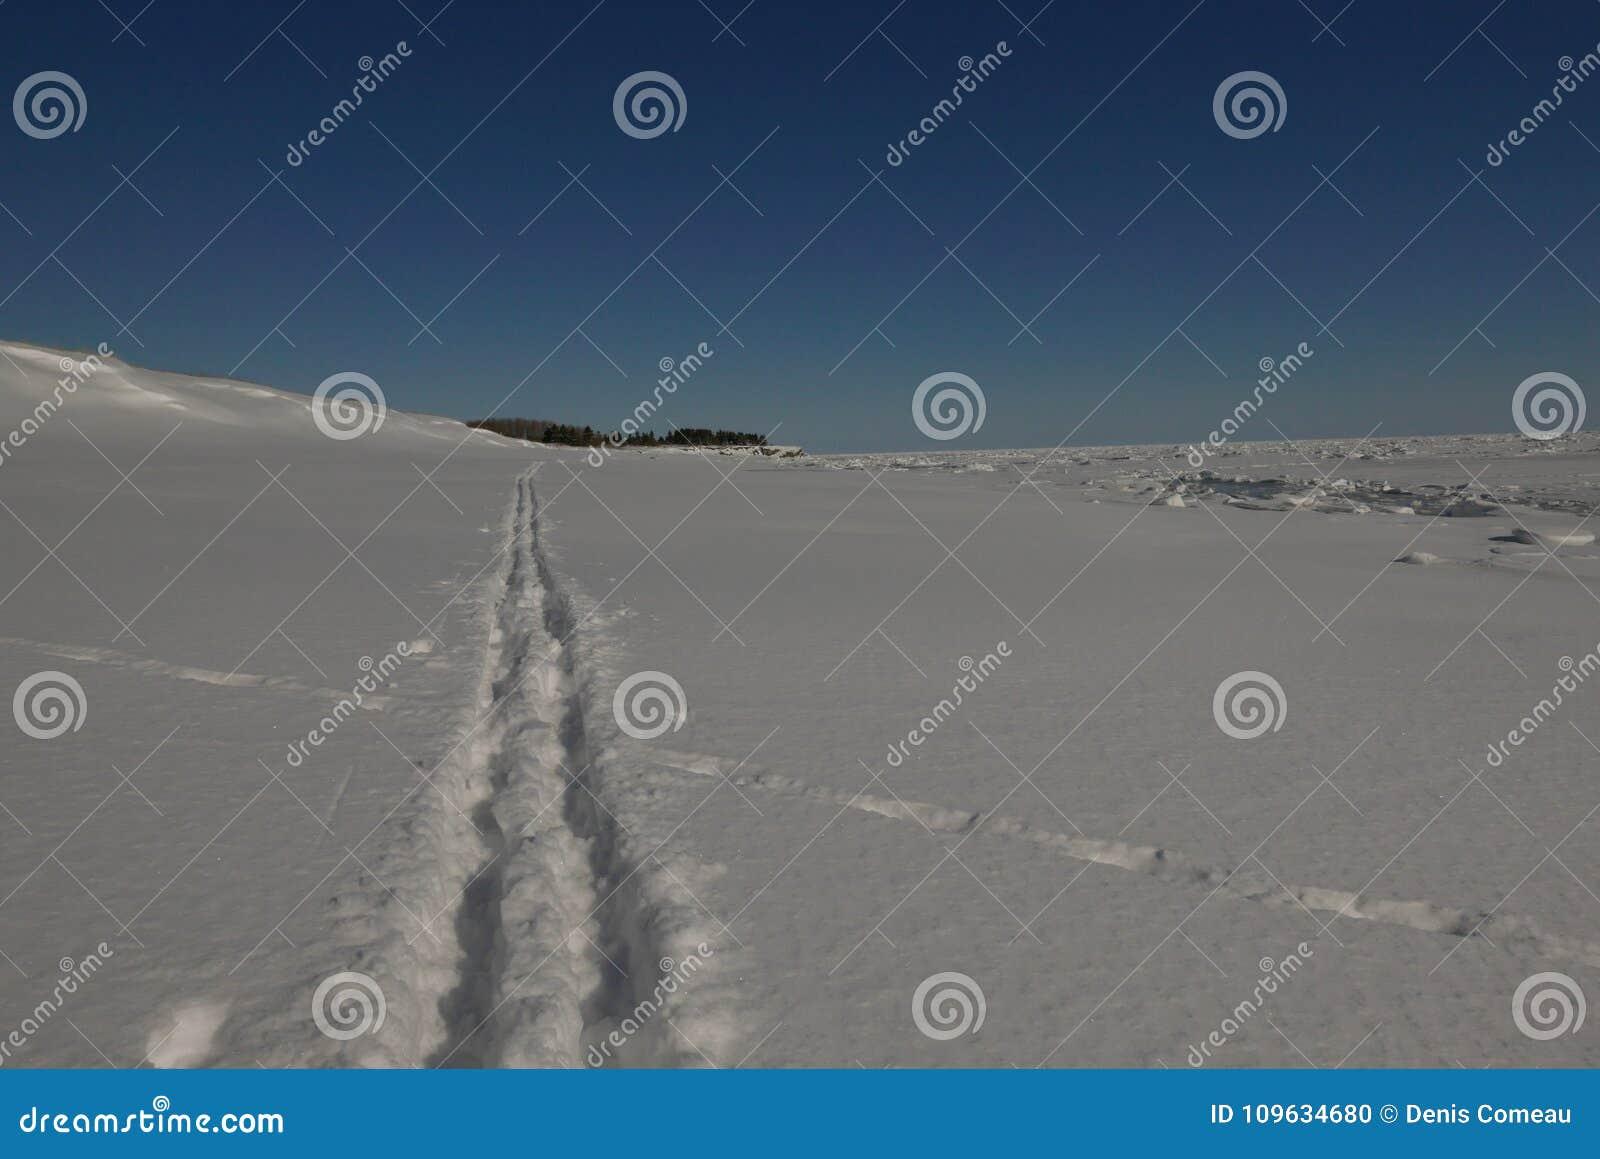 Les chemins de croisement, ski backcountry dépiste les voies de intersection de coyote dans la neige